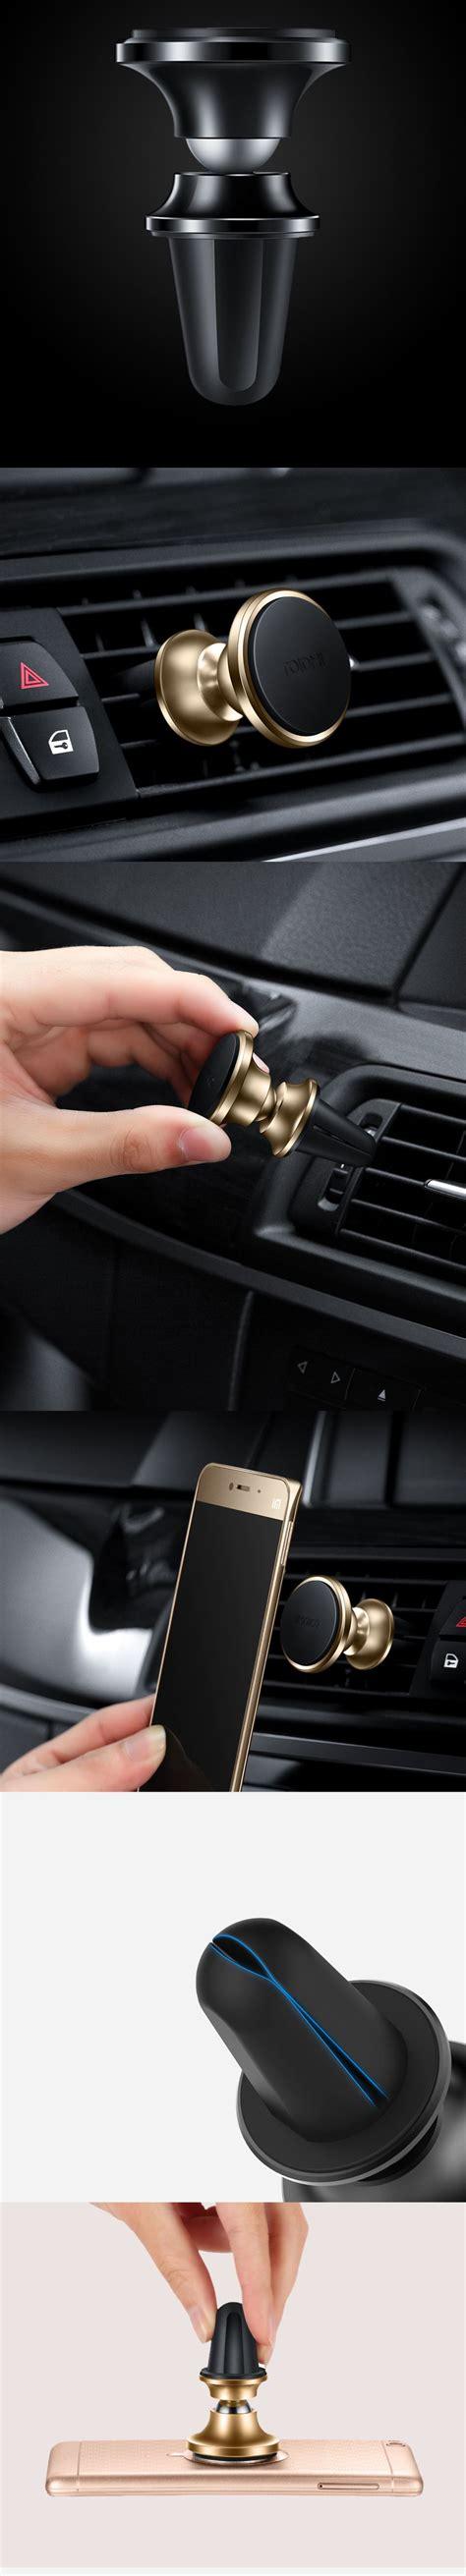 original xiaomi roidmi z1 carro ar ventilador telefone